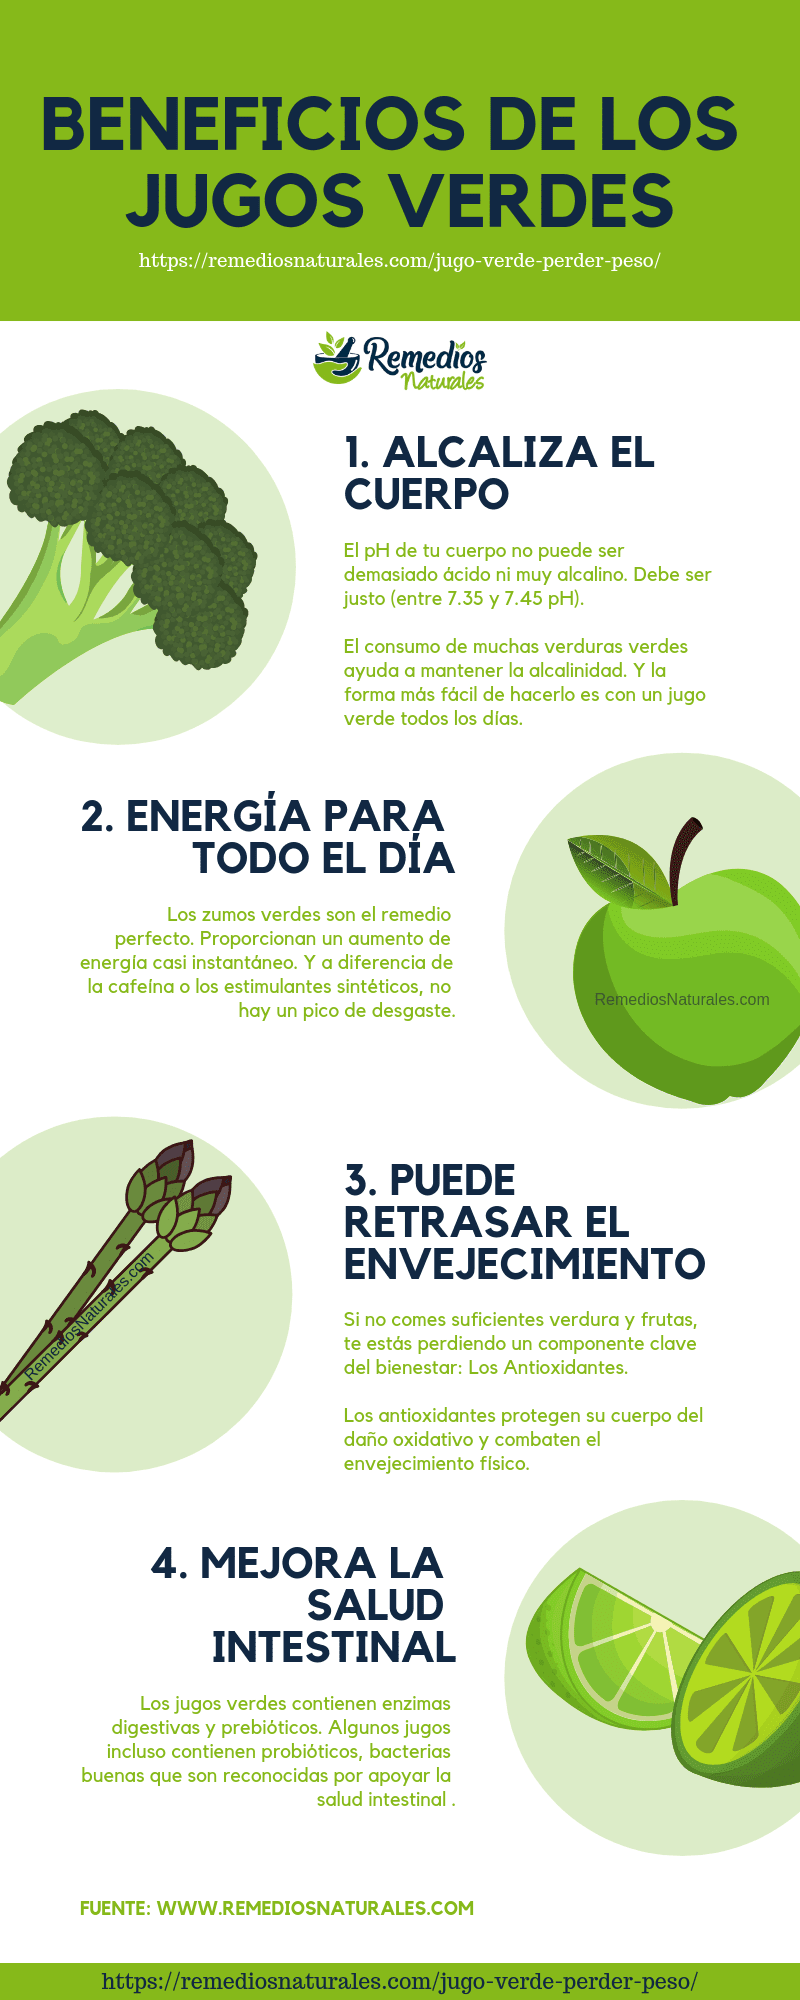 Como bajar de peso con jugos verdes